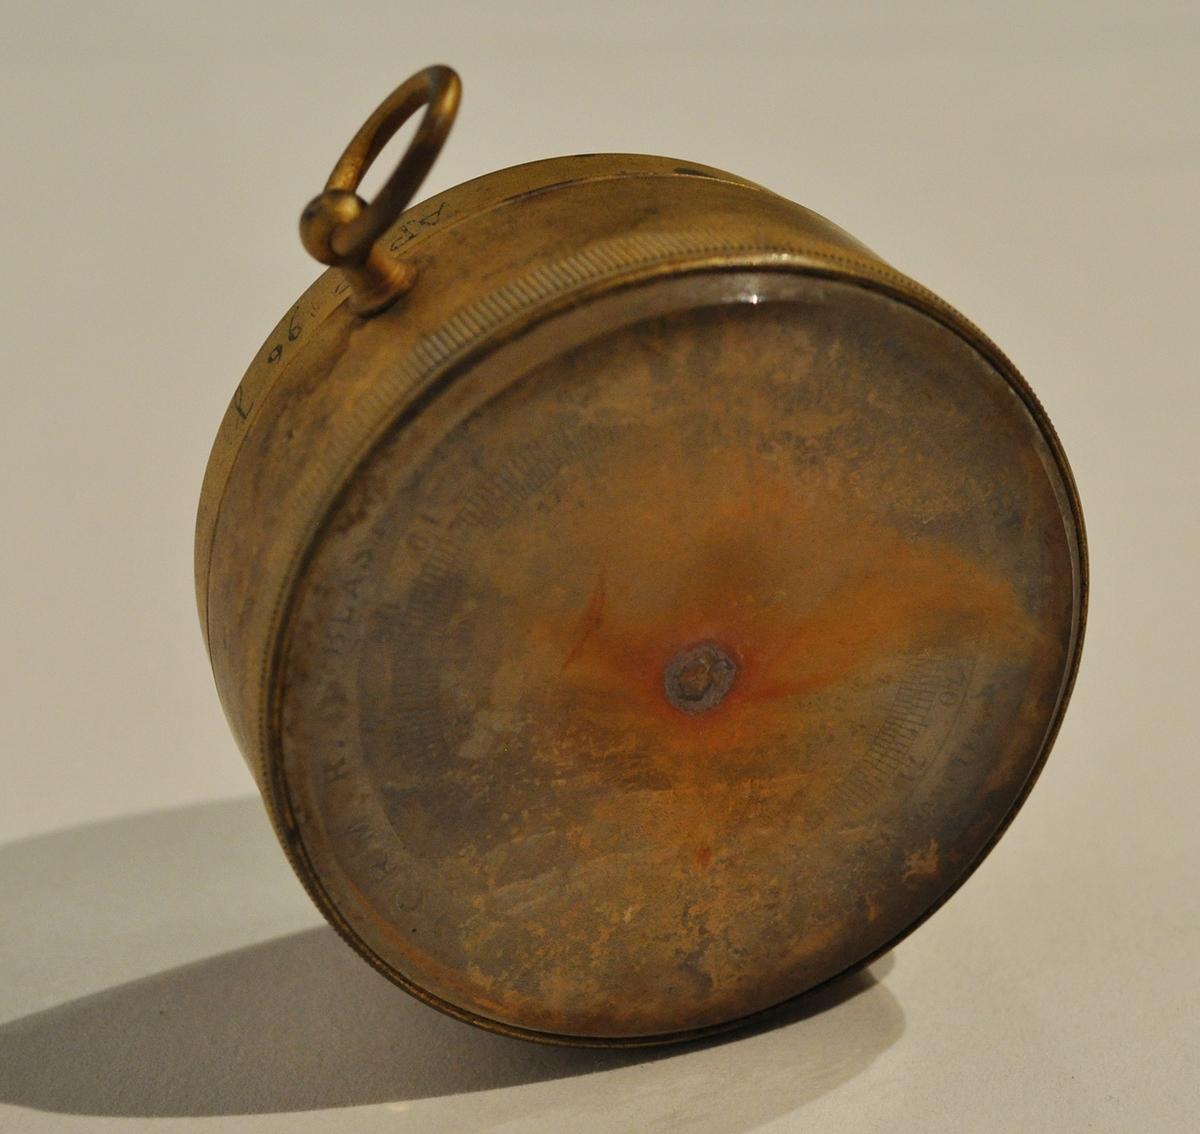 Psykrometer av metall och glas med vidhängande nyckel som ligger i en trälåda med lock. Flera små föremål ligger i lådan som hör till psykromtern. A. Assmanns Aspirations Psychrometer med vidhängande nyckel B. Dropprör med gummiballong C. 2 glasflaskor D. Fjäder E. Reservhylsa F. Reservvred G. Reservtermometrar, 2 st H. Fragment av glasrör, 3 st I. Reservdel till dropprör (ballong) J. Aneroidbarometer, denna påträffades i lådan till psykrometern. K. Aneroidbarometer i fodral av skinn L. Fodral av trä samt duk av sämskskinn